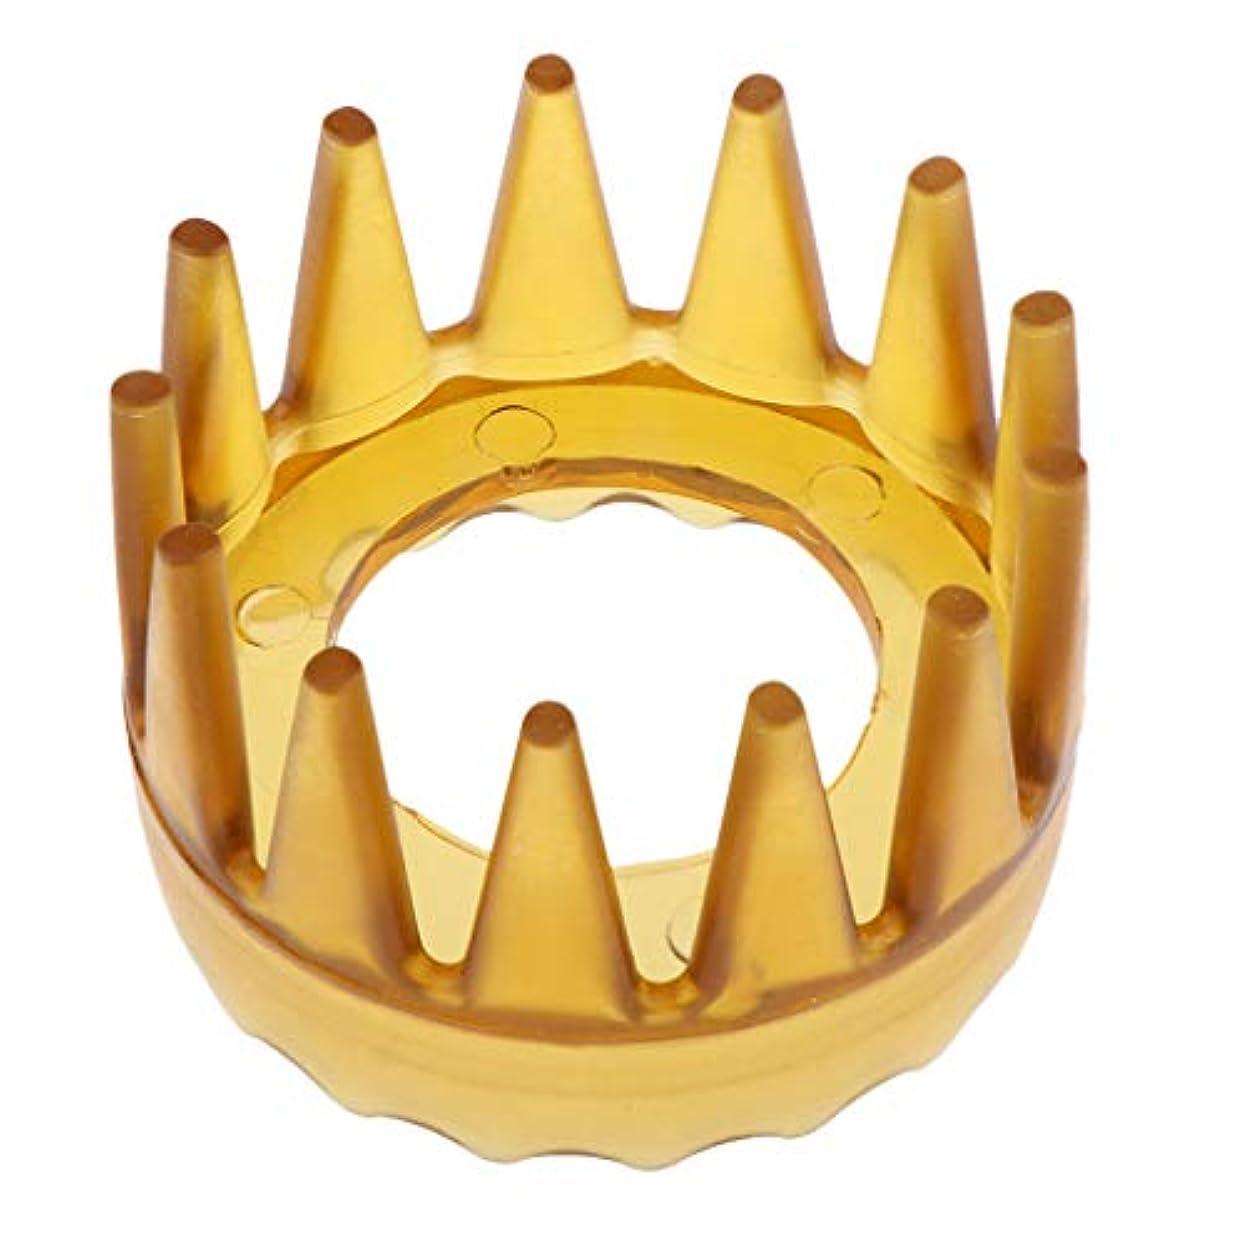 顔料十分な夢中プラスチック製 シャンプーブラシ 洗髪櫛 マッサージャー ヘアコーム ヘアブラシ 直径約6cm 全4色 - 黄